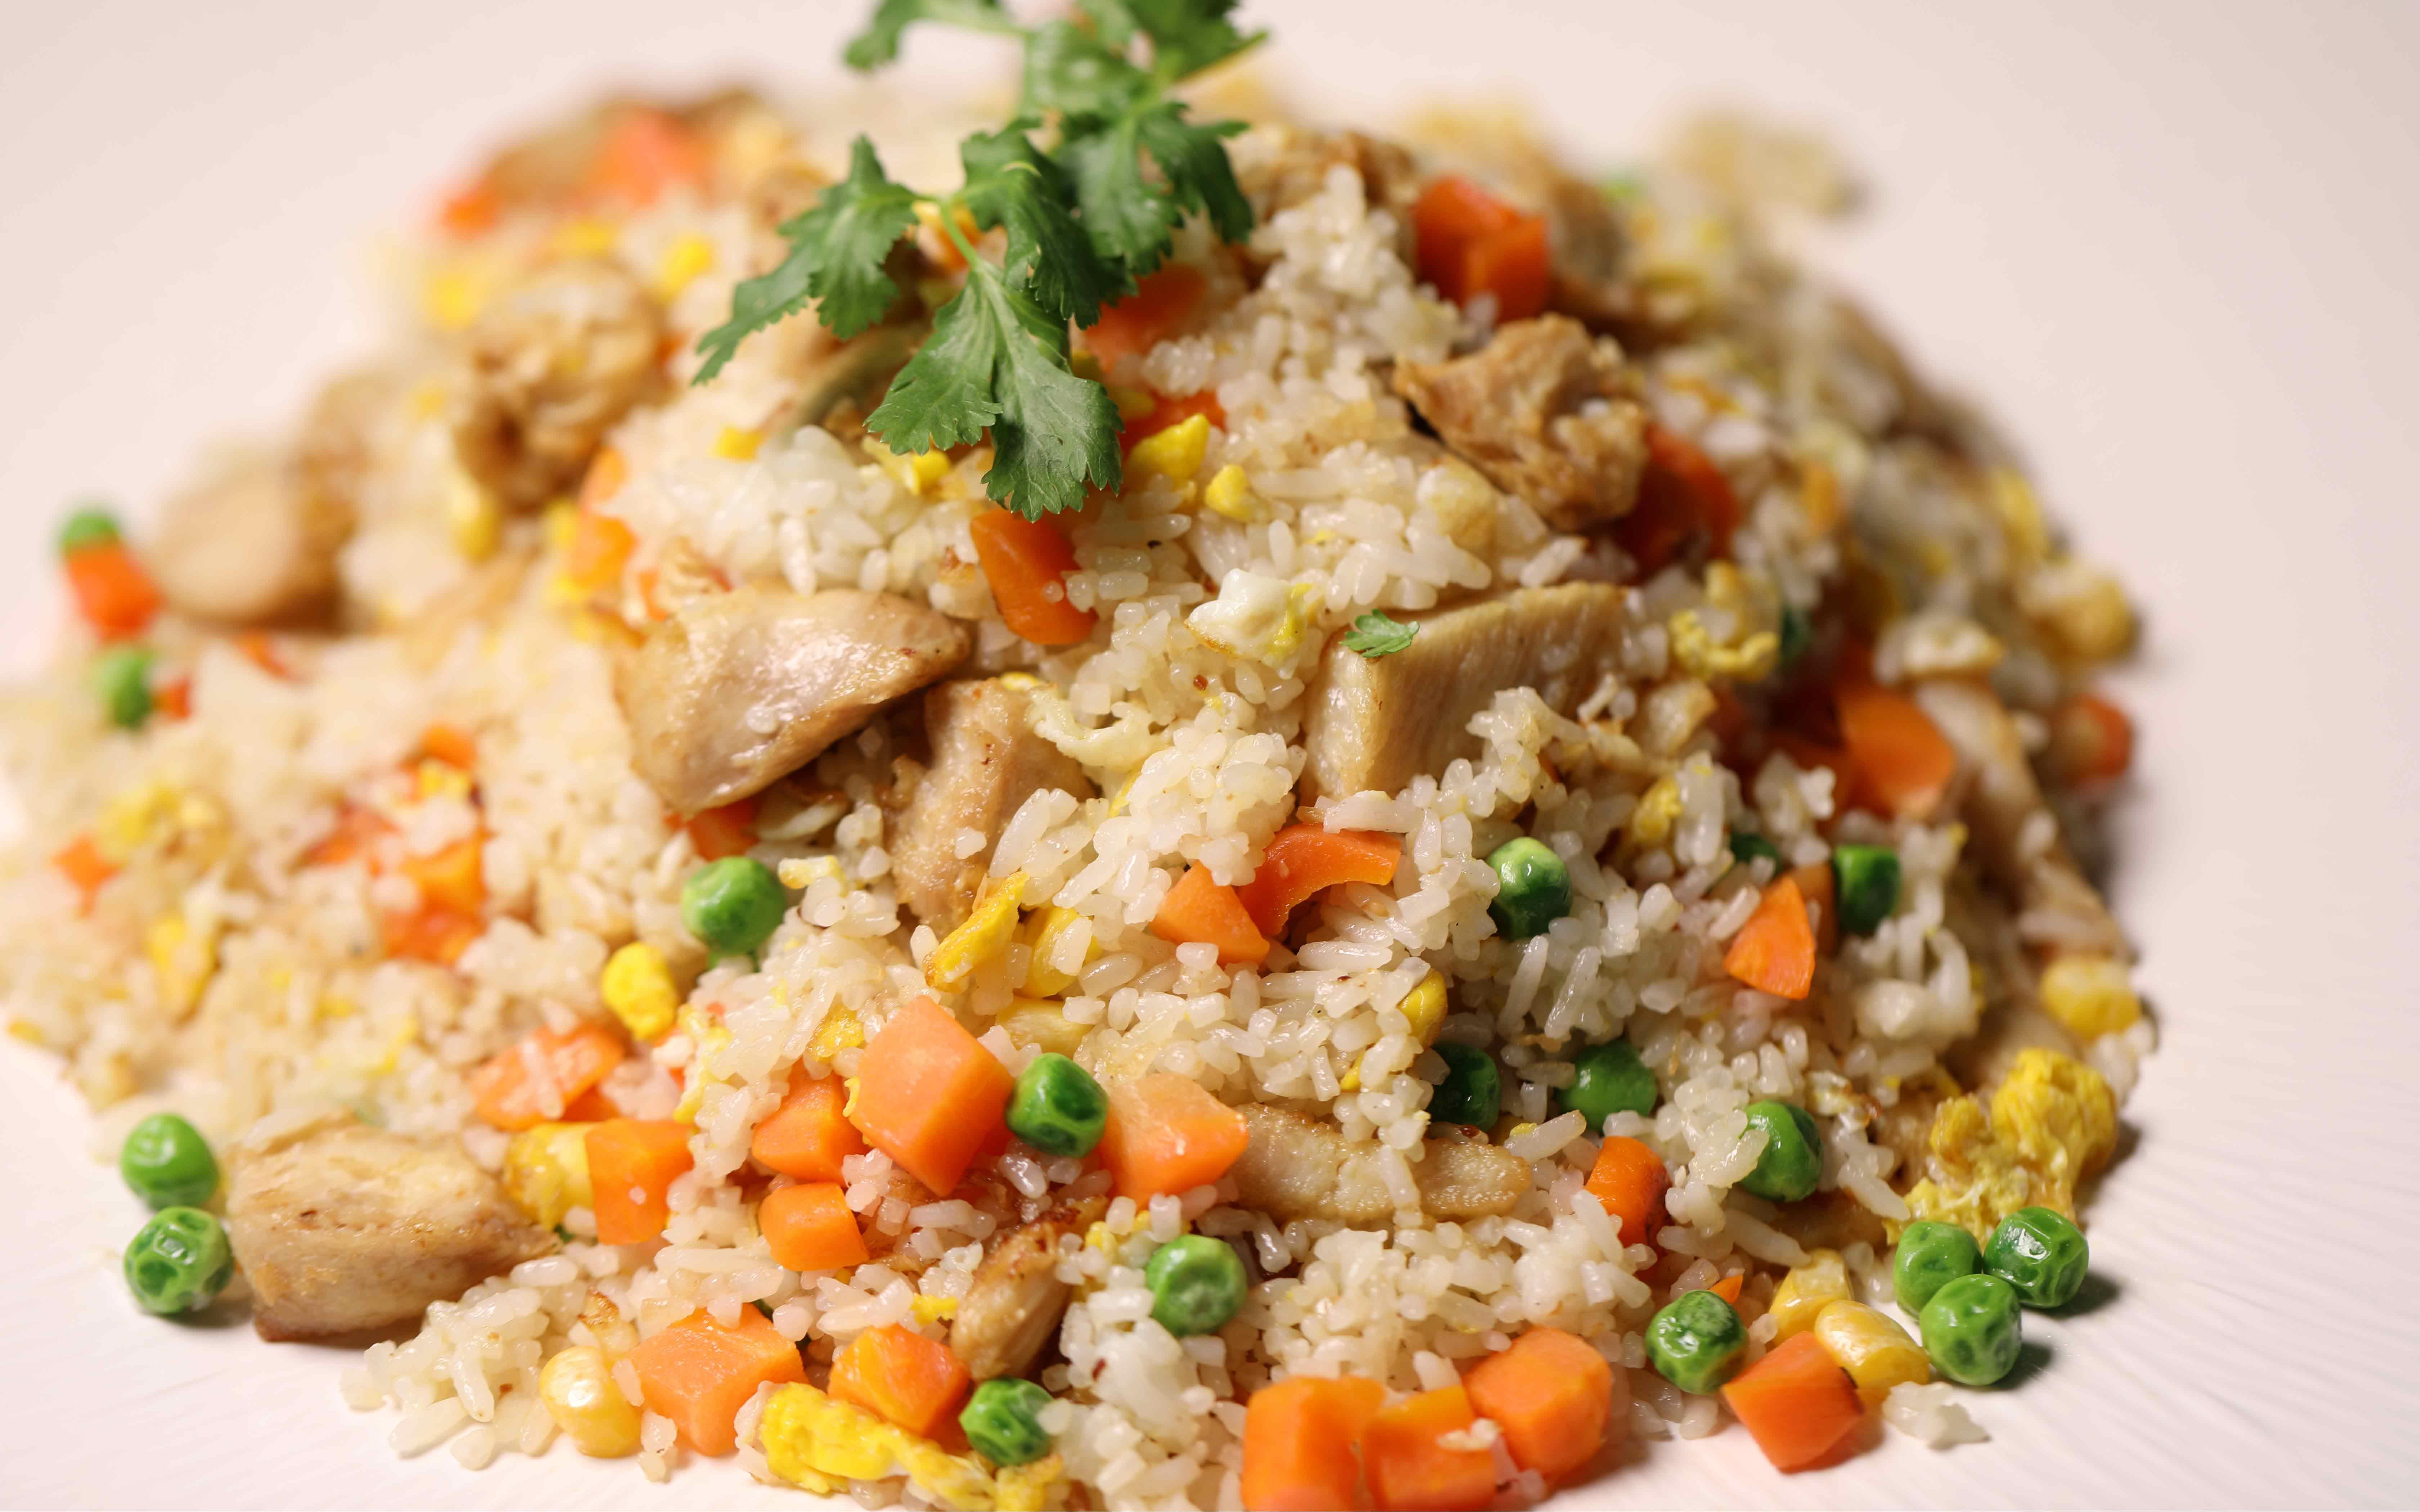 Stekt ris pris 89